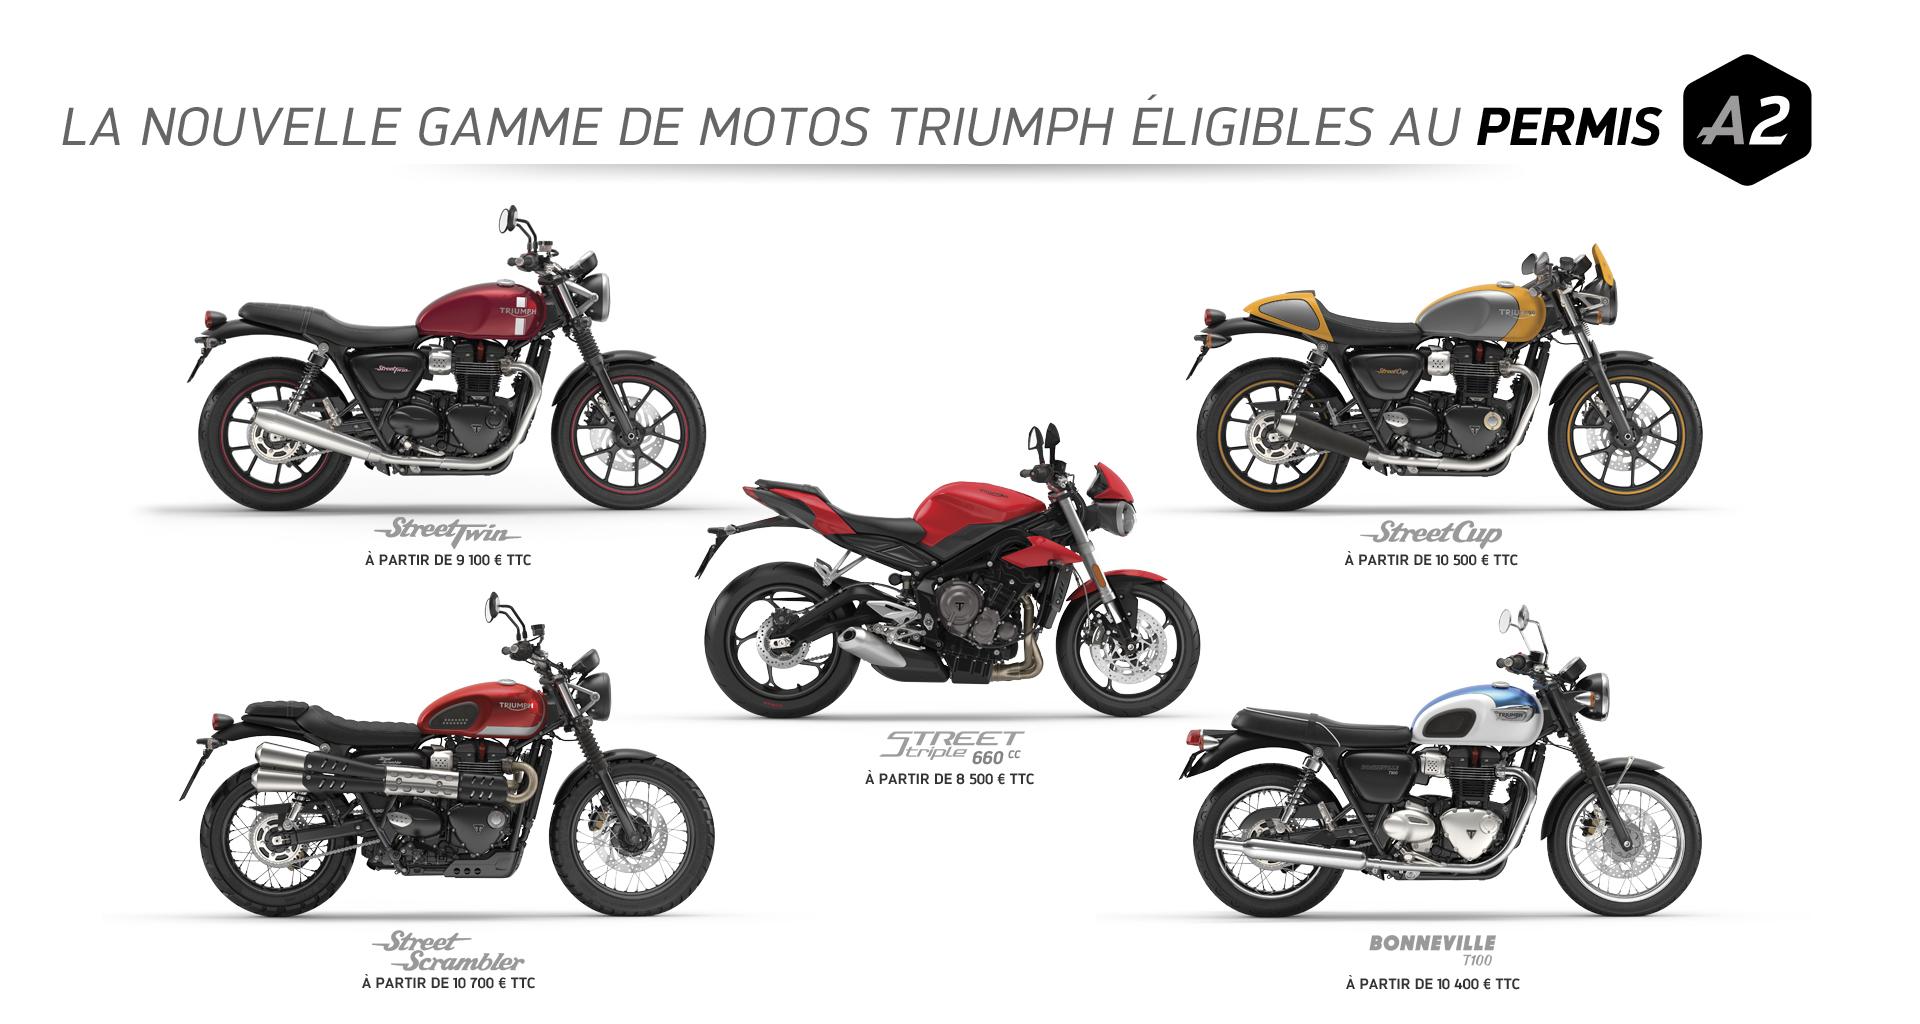 Rpm 77 Triumph Idée Dimage De Moto